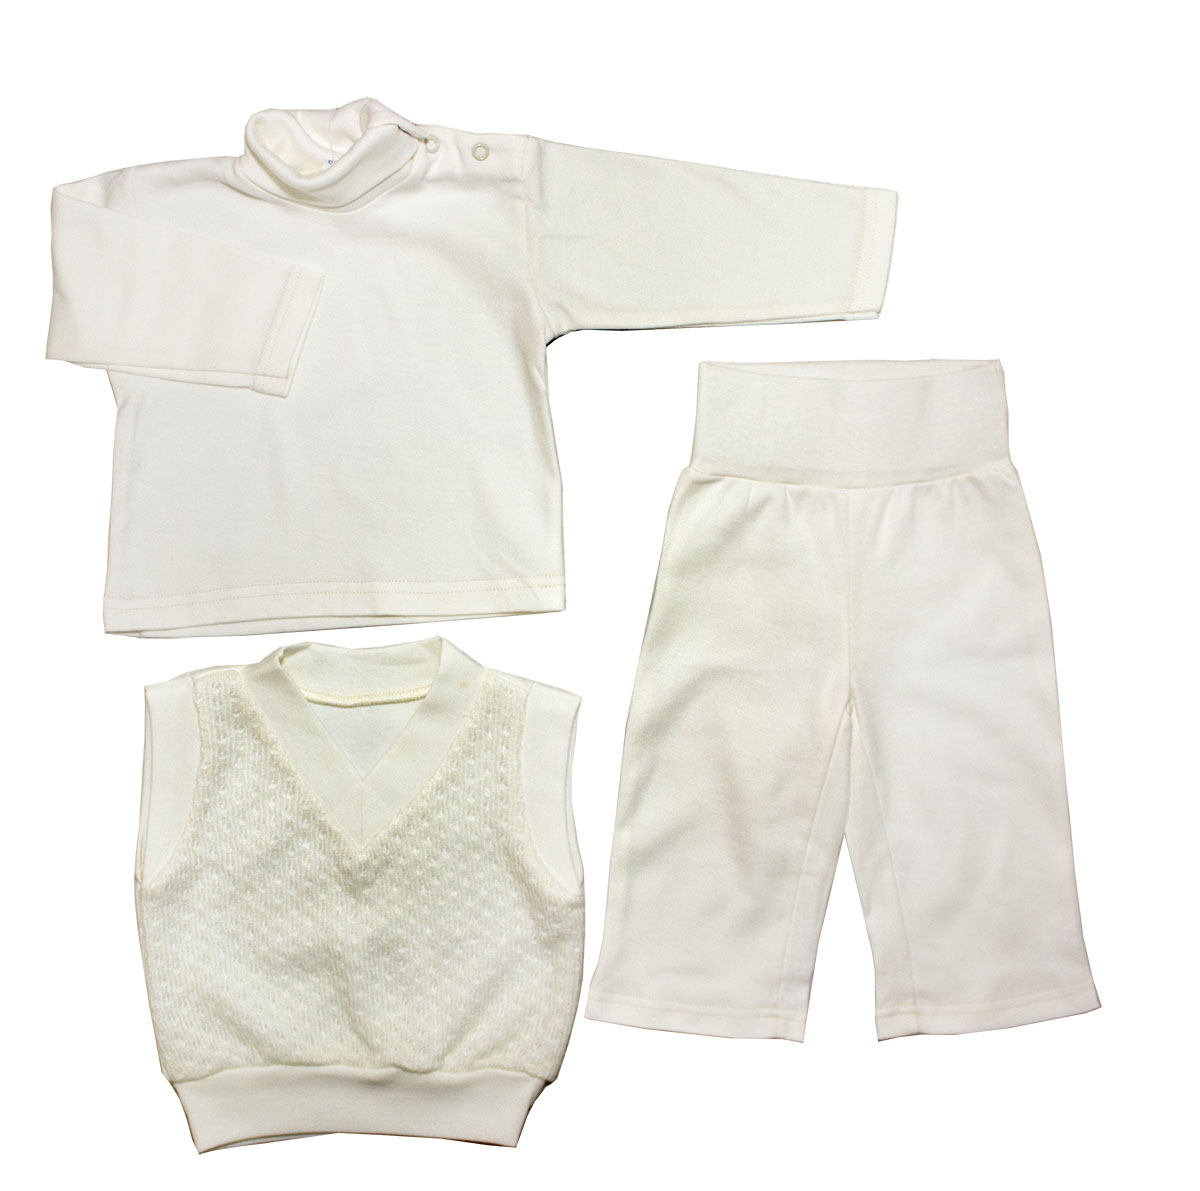 Комплект одежды Осьминожка для мальчика бежевый р.86